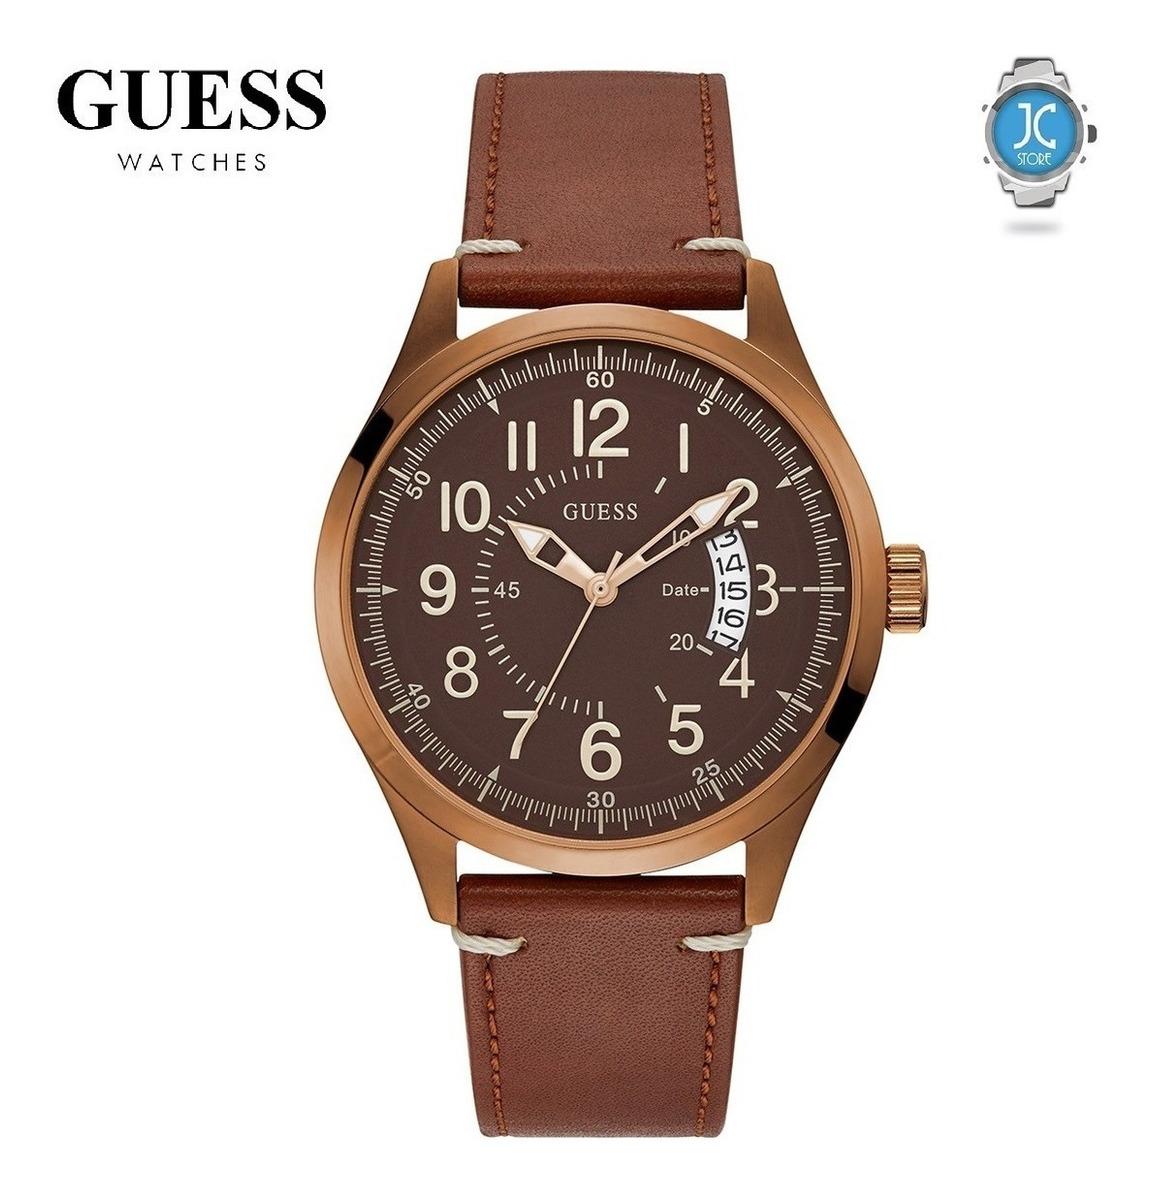 sale retailer 275a0 a6f7b Reloj Guess Elegante - Cuero, Marron - 100% Original En Caja